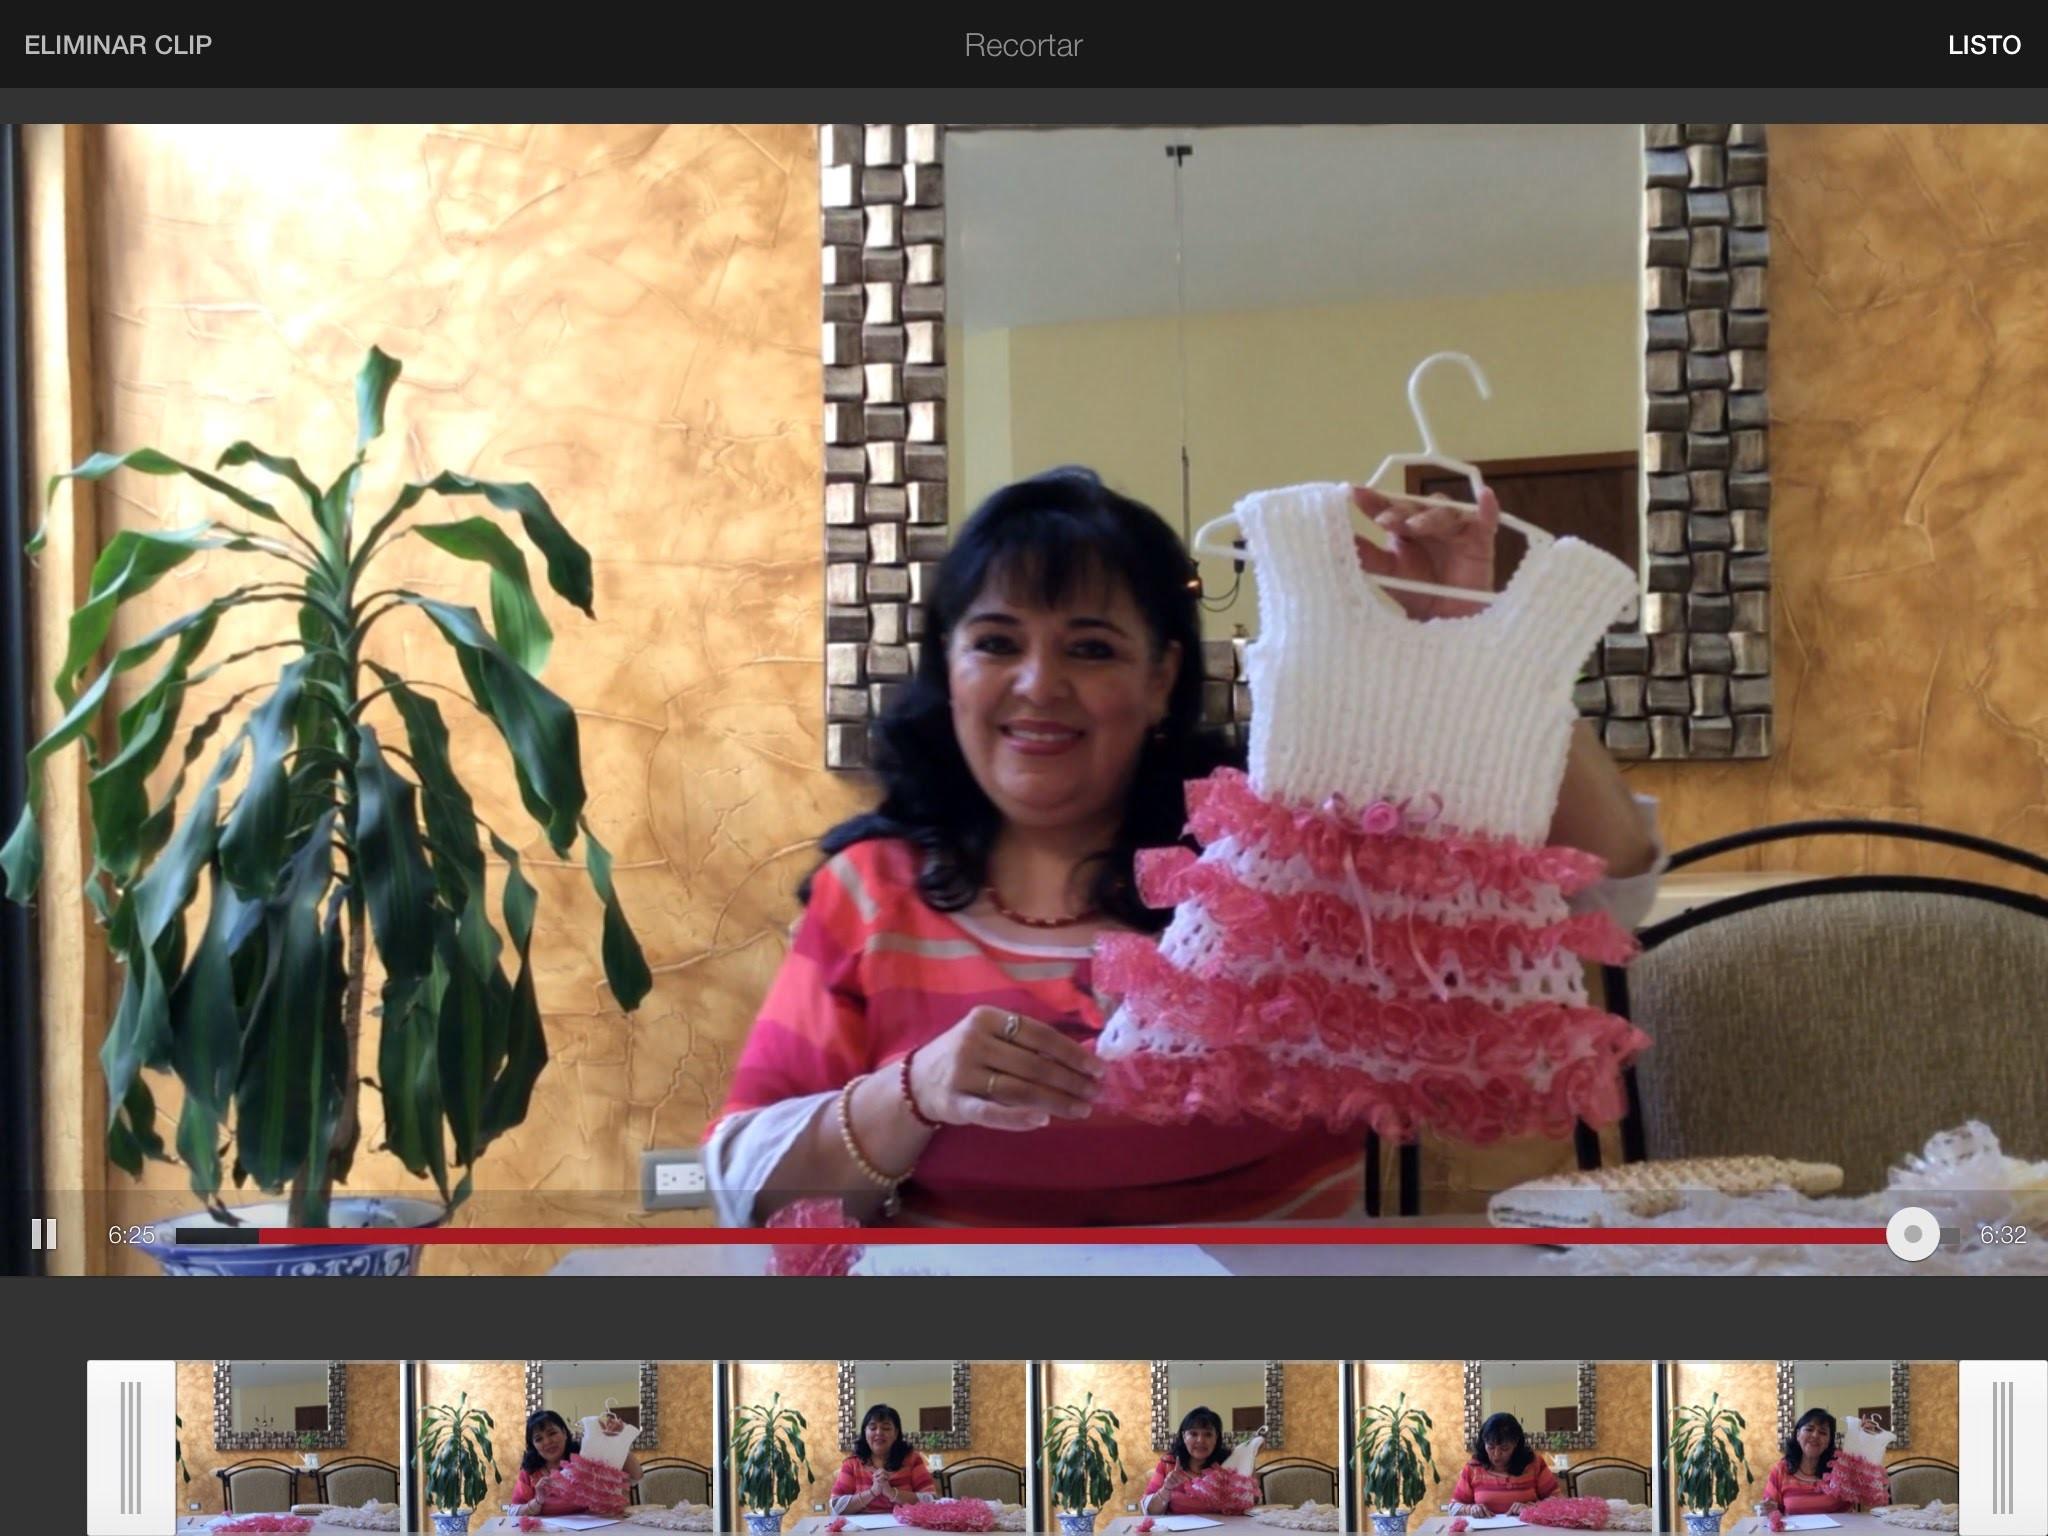 Vestidito de red tule - tejido en gancho - Tejiendo con Laura Cepeda